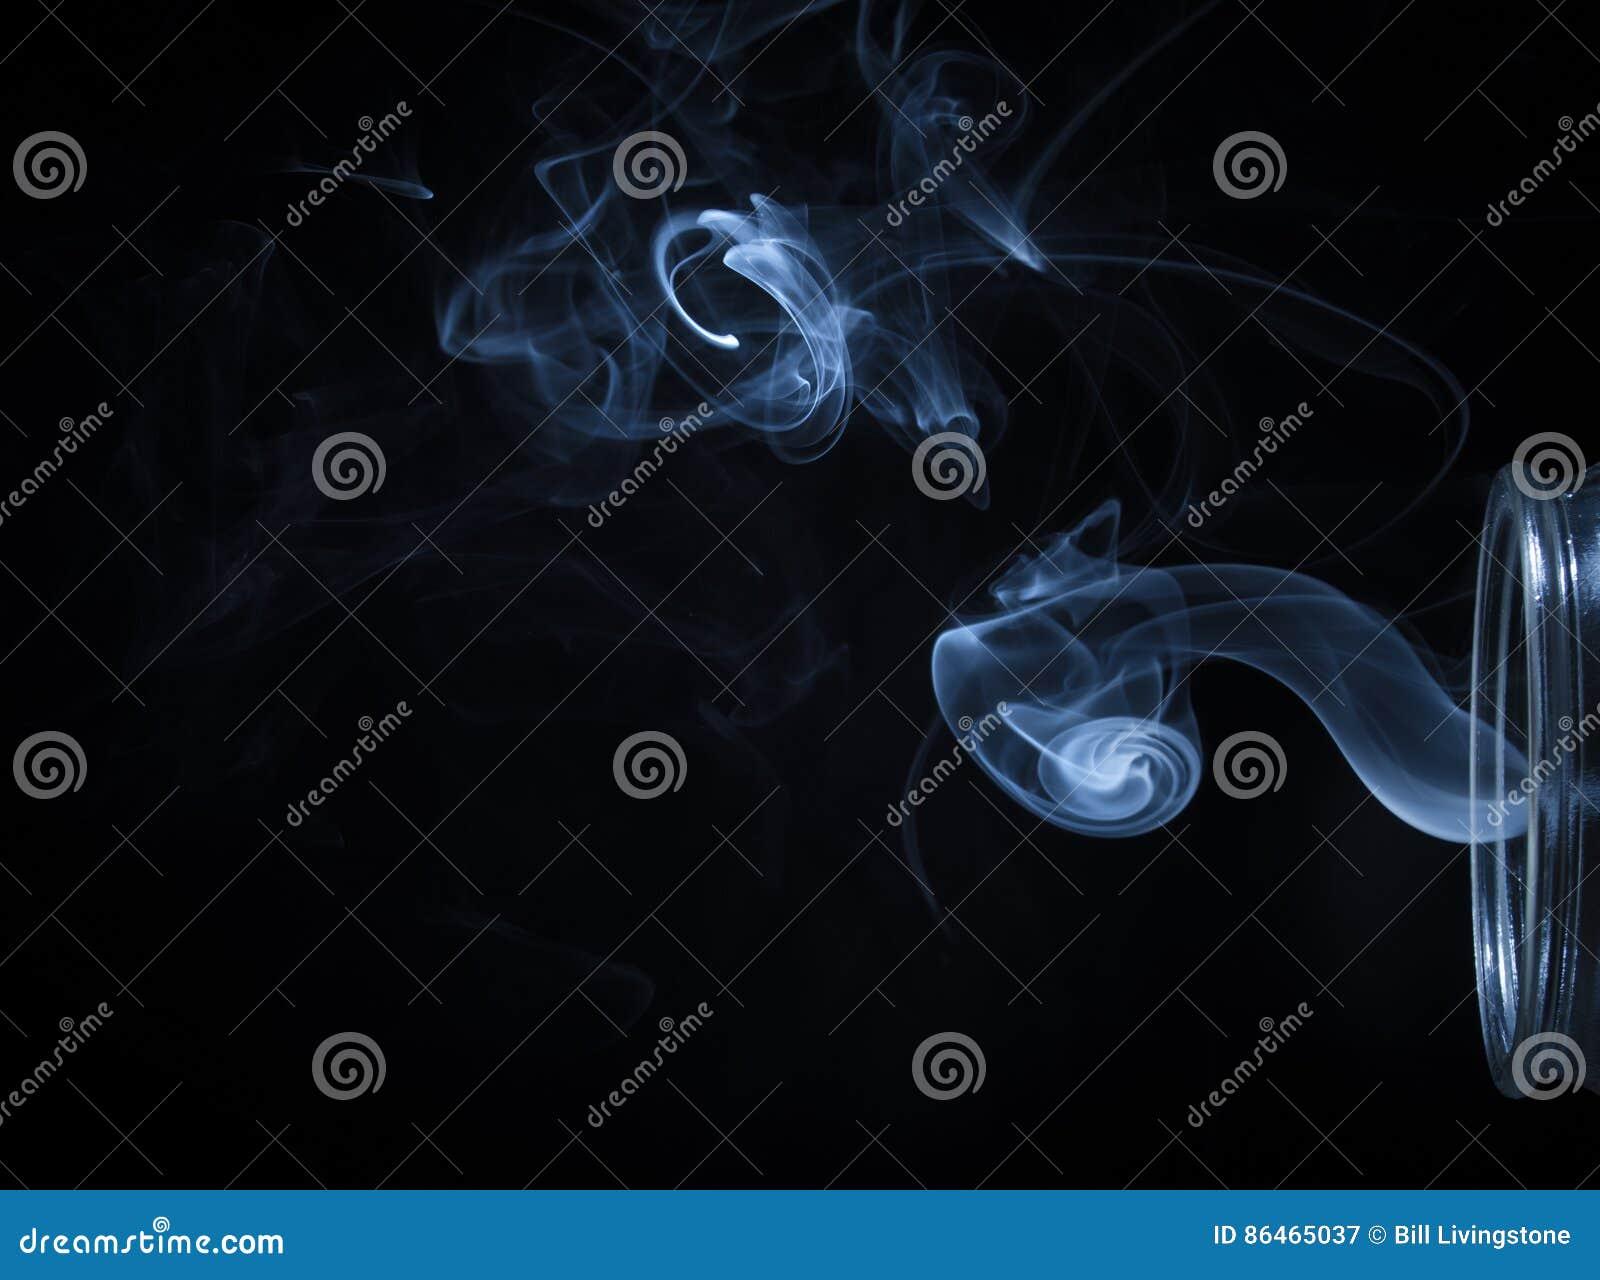 Abstrakter Blauer Rauch, Der Vom Flaschen-Hintergrund Fließt ...